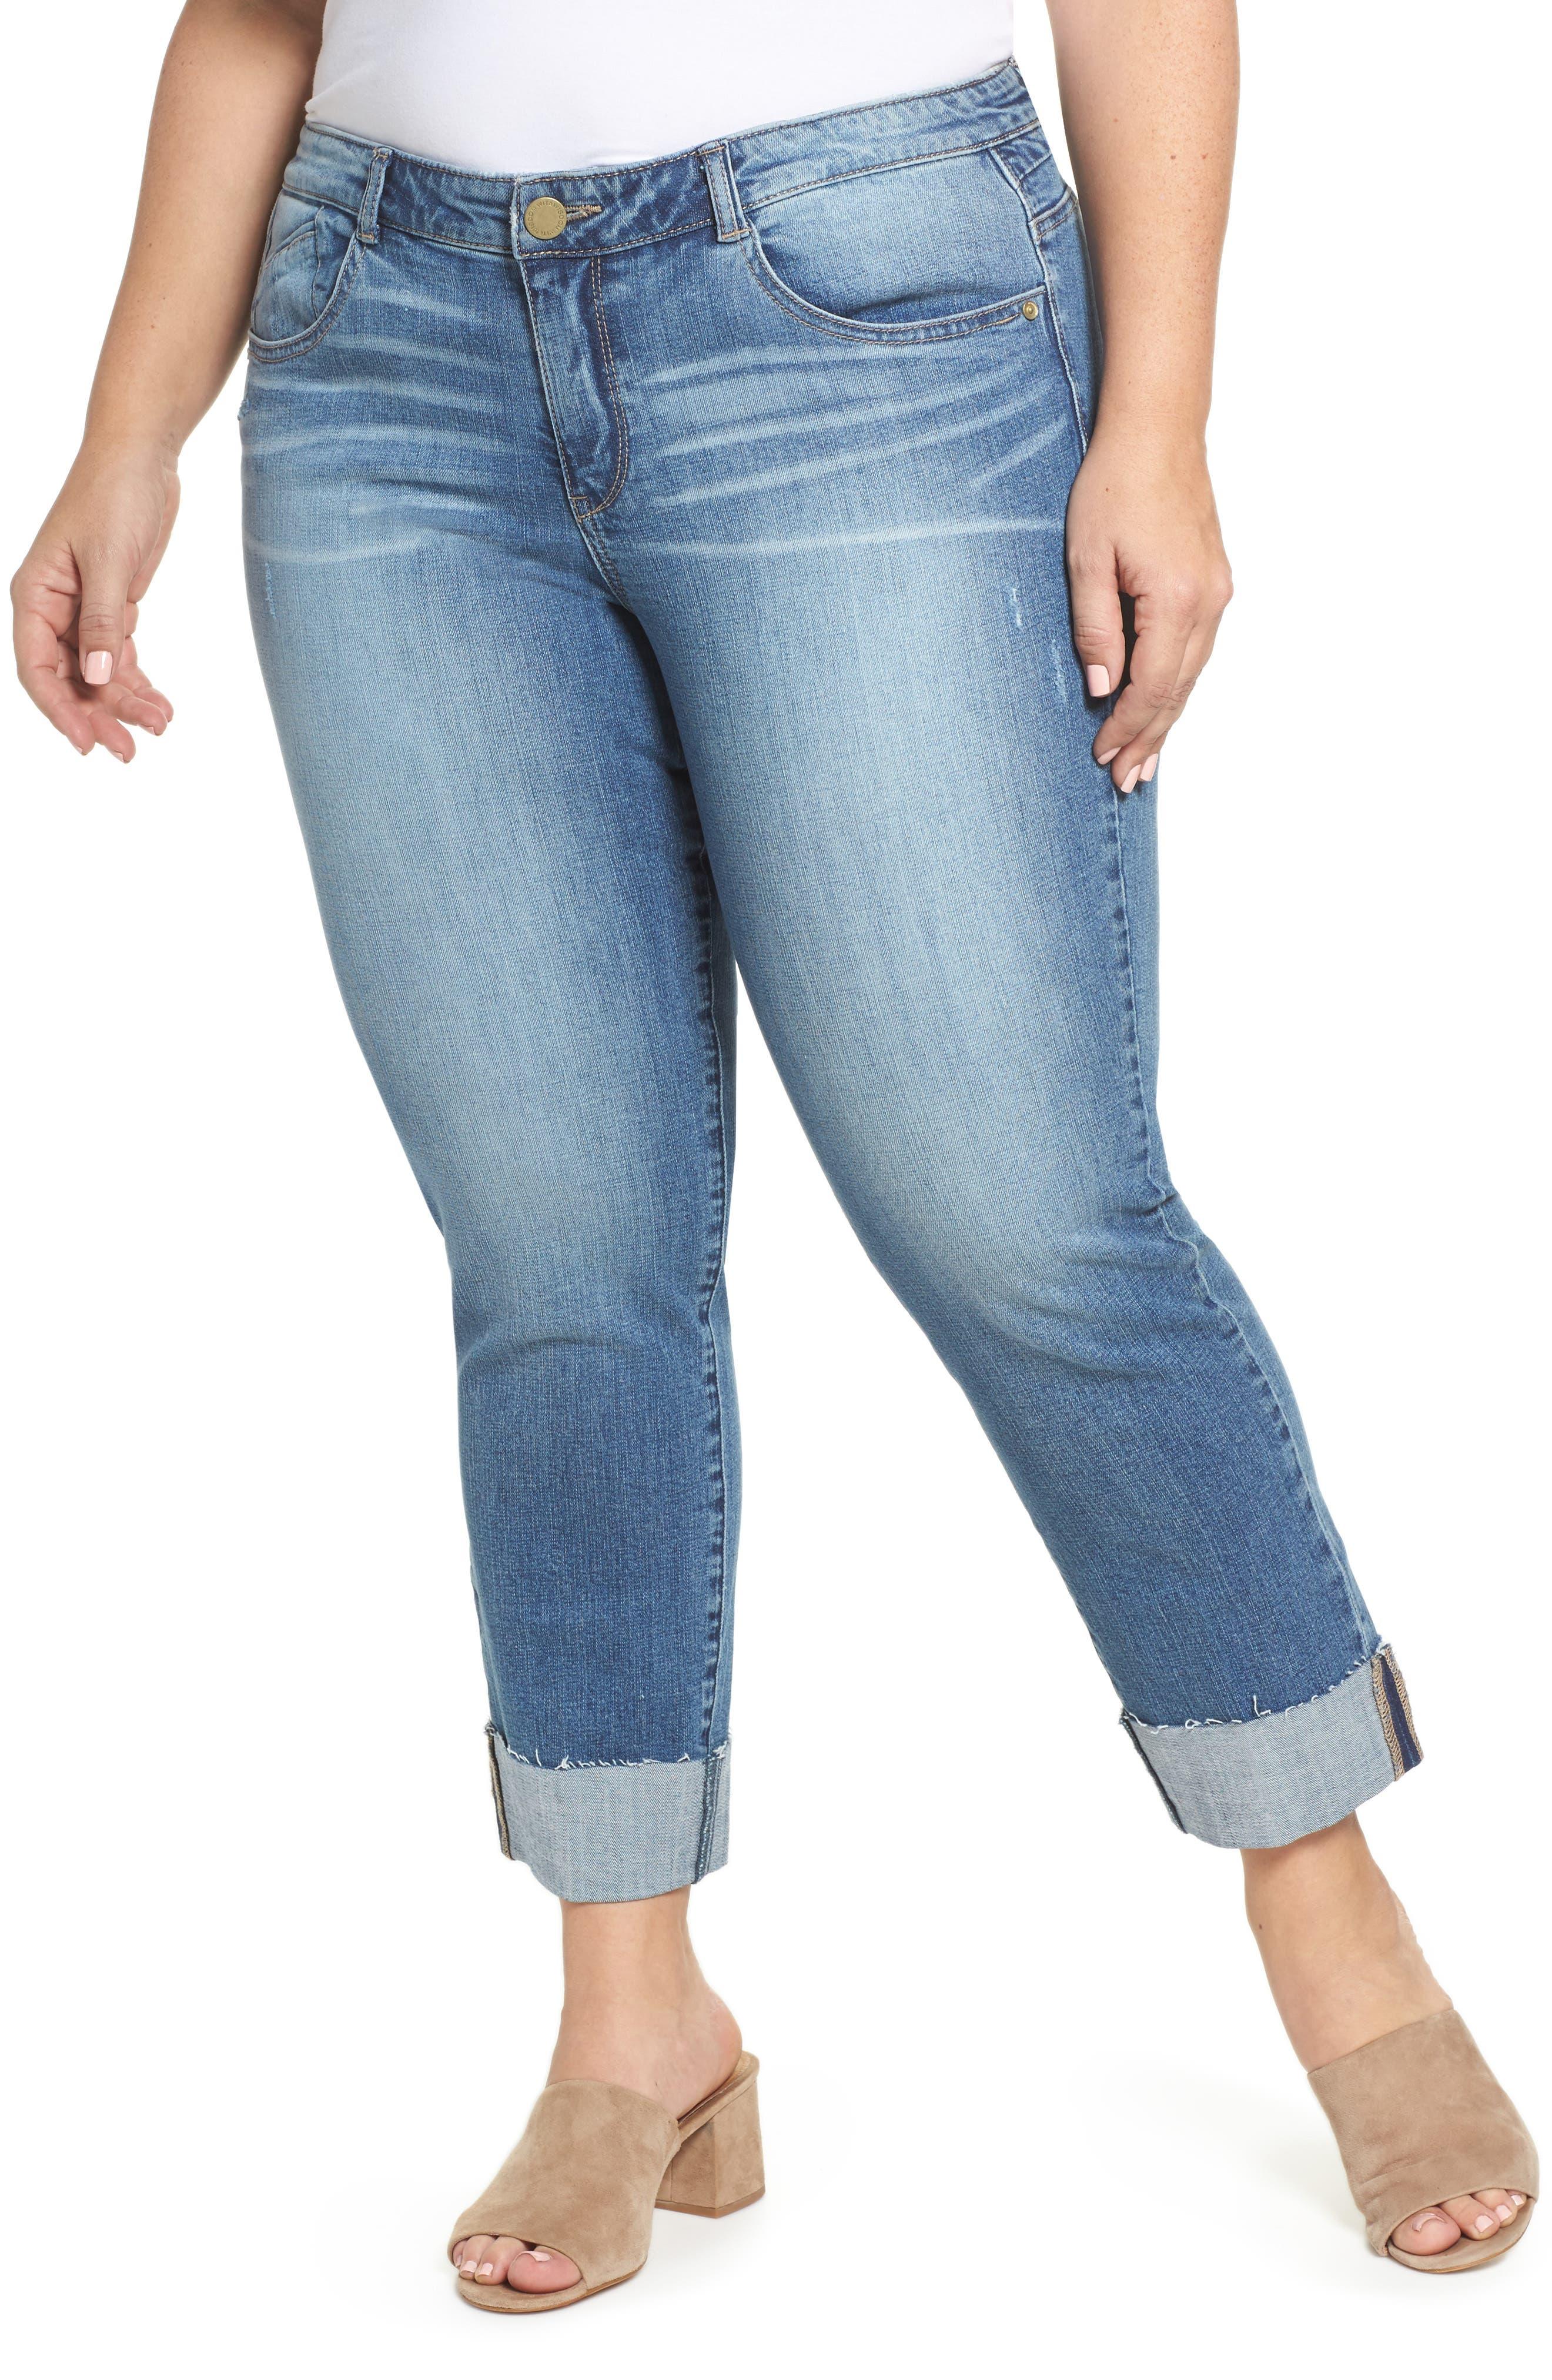 WIT & WISDOM, Flex-ellent Boyfriend Jeans, Main thumbnail 1, color, BLUE